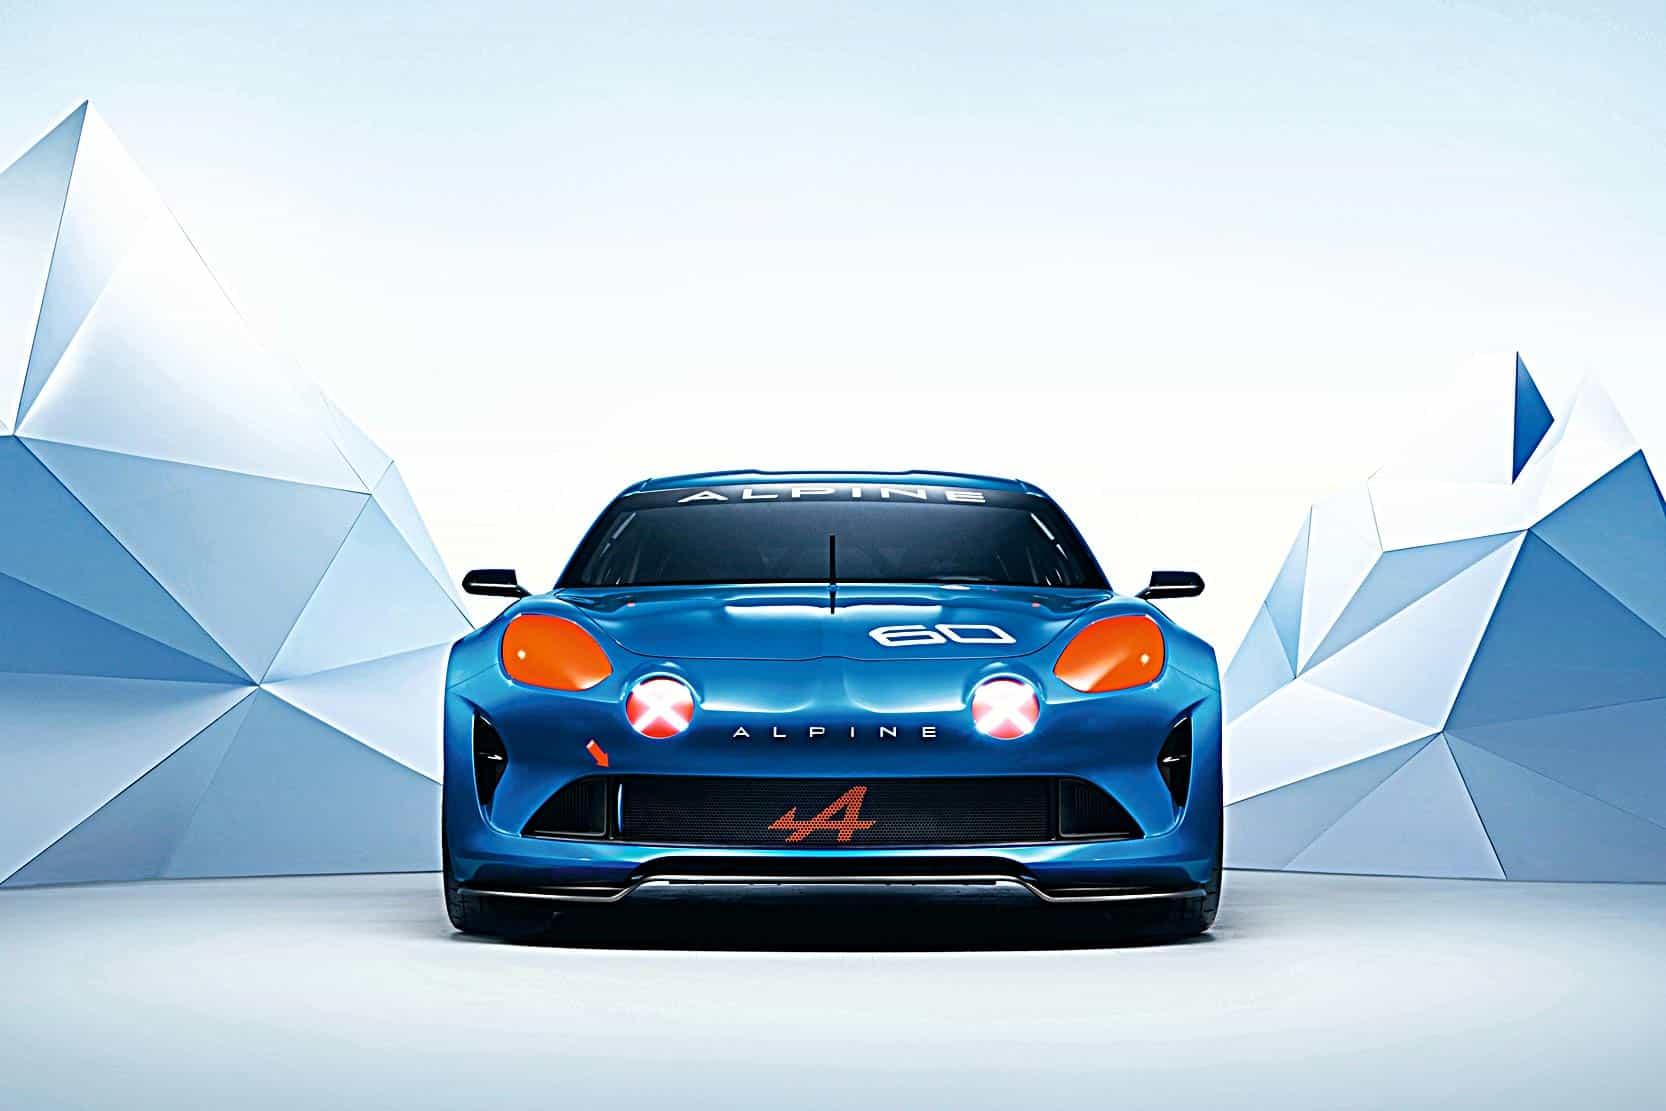 La future Alpine A120 n'est plus un mystère, une image de son habitacle circule sur le net